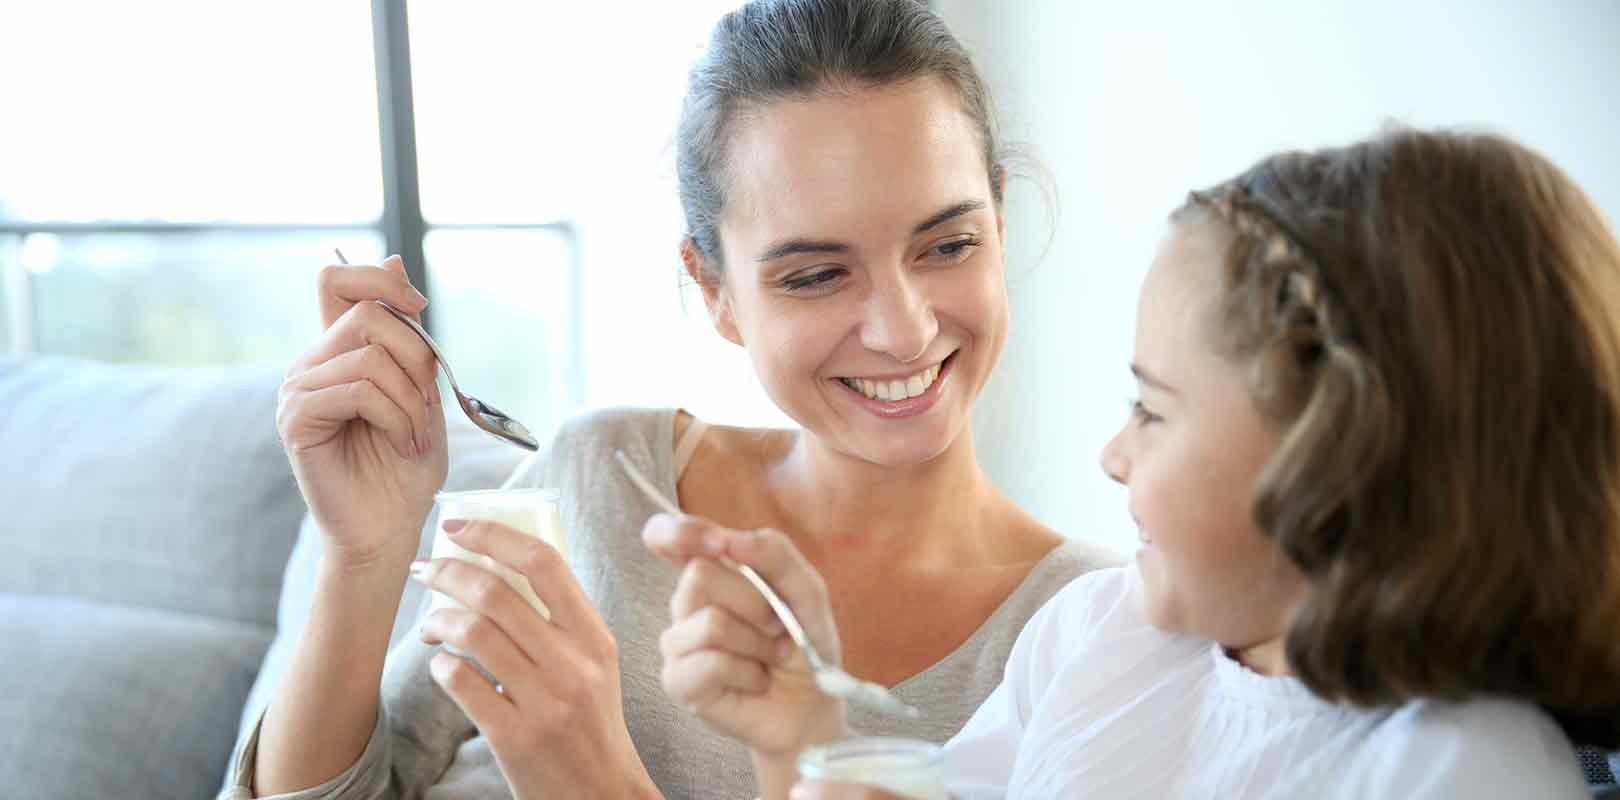 13 - Consumo diário de Iogurte pode te fazer perder MUITO peso